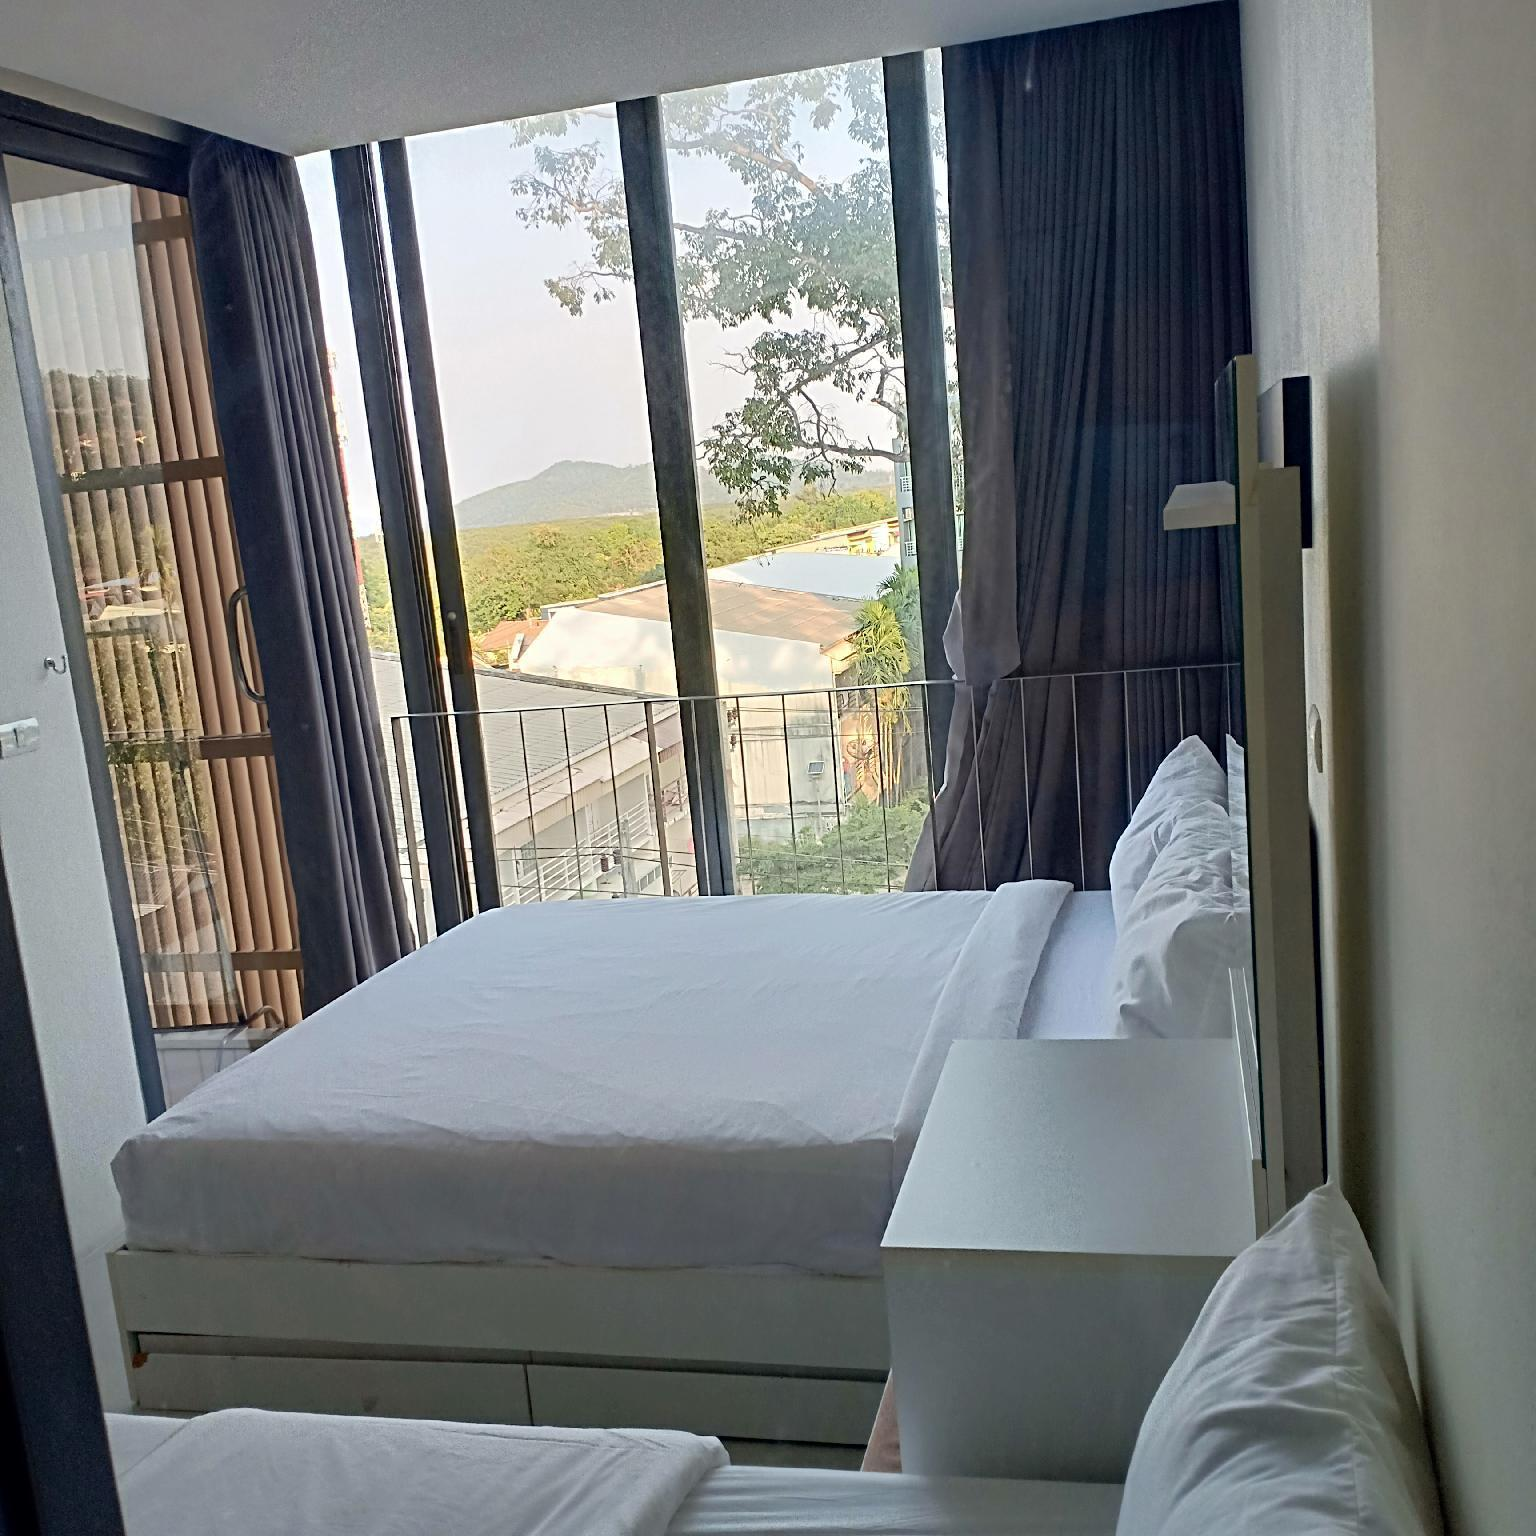 Mountain view Condo in Phuket 4 mins to old town อพาร์ตเมนต์ 1 ห้องนอน 1 ห้องน้ำส่วนตัว ขนาด 32 ตร.ม. – ตัวเมืองภูเก็ต